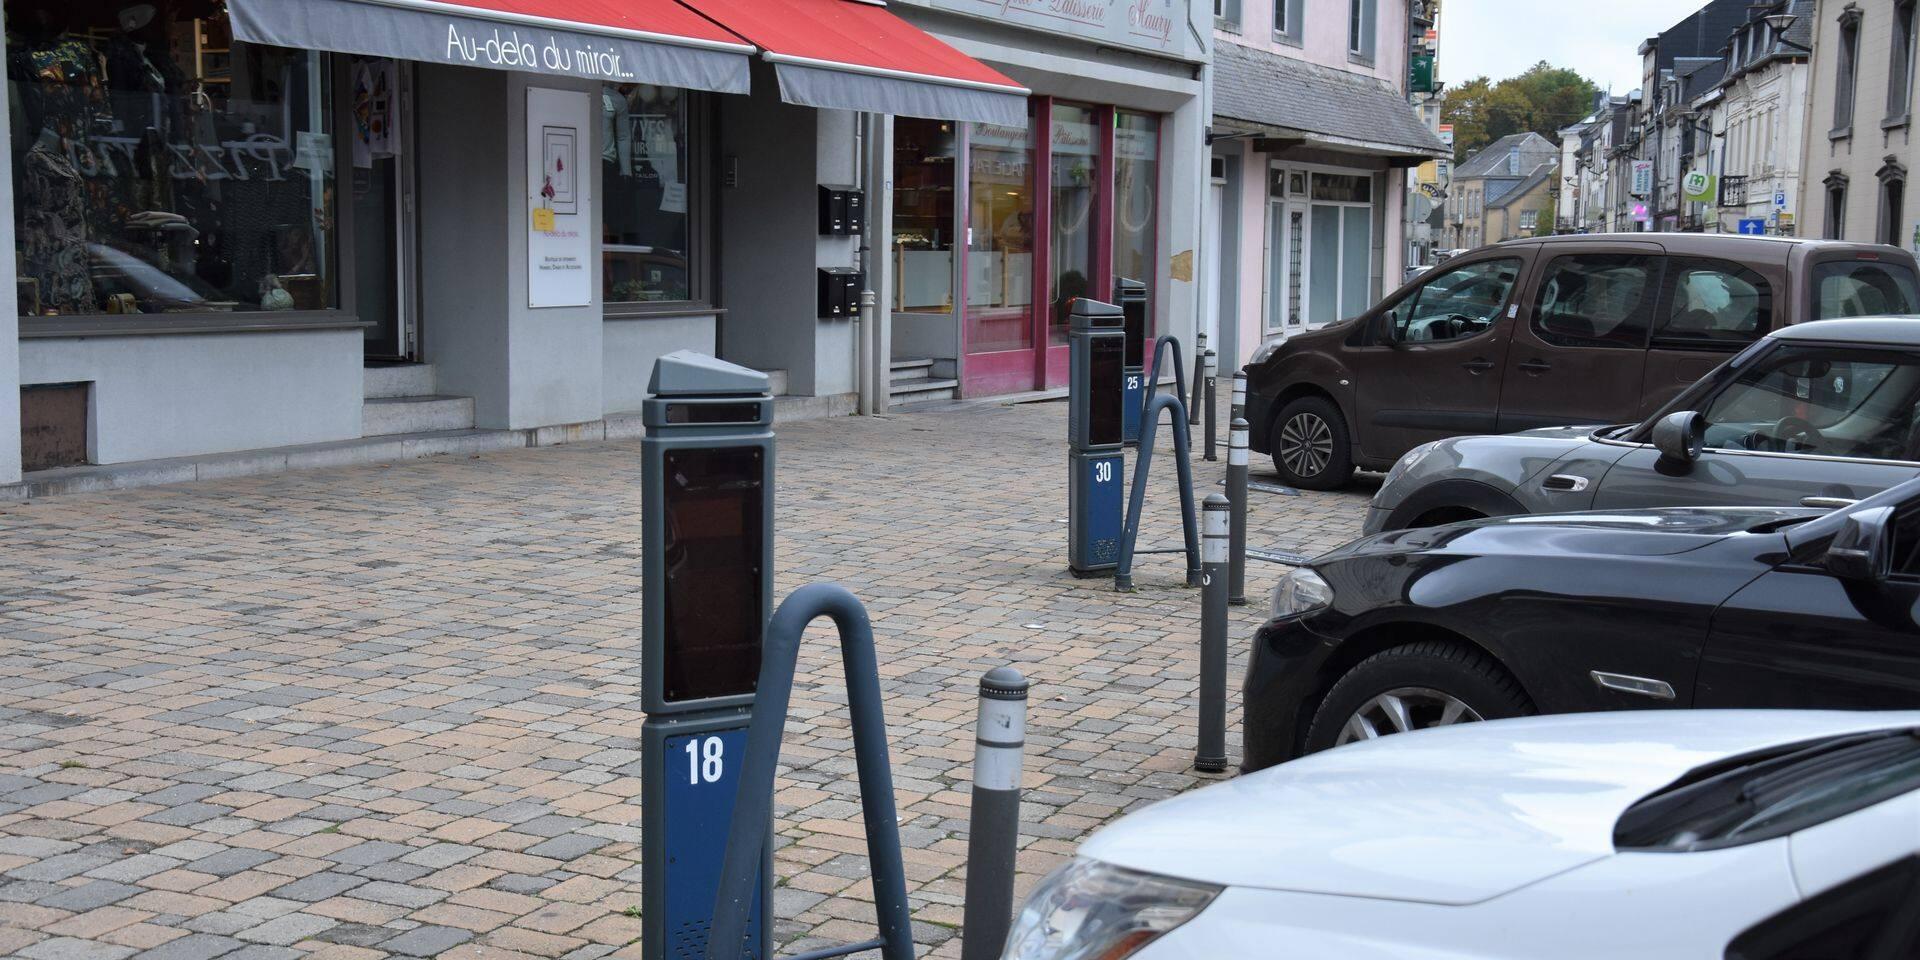 Neufchâteau : les bornes de stationnement ne fonctionnent plus depuis 8 ans